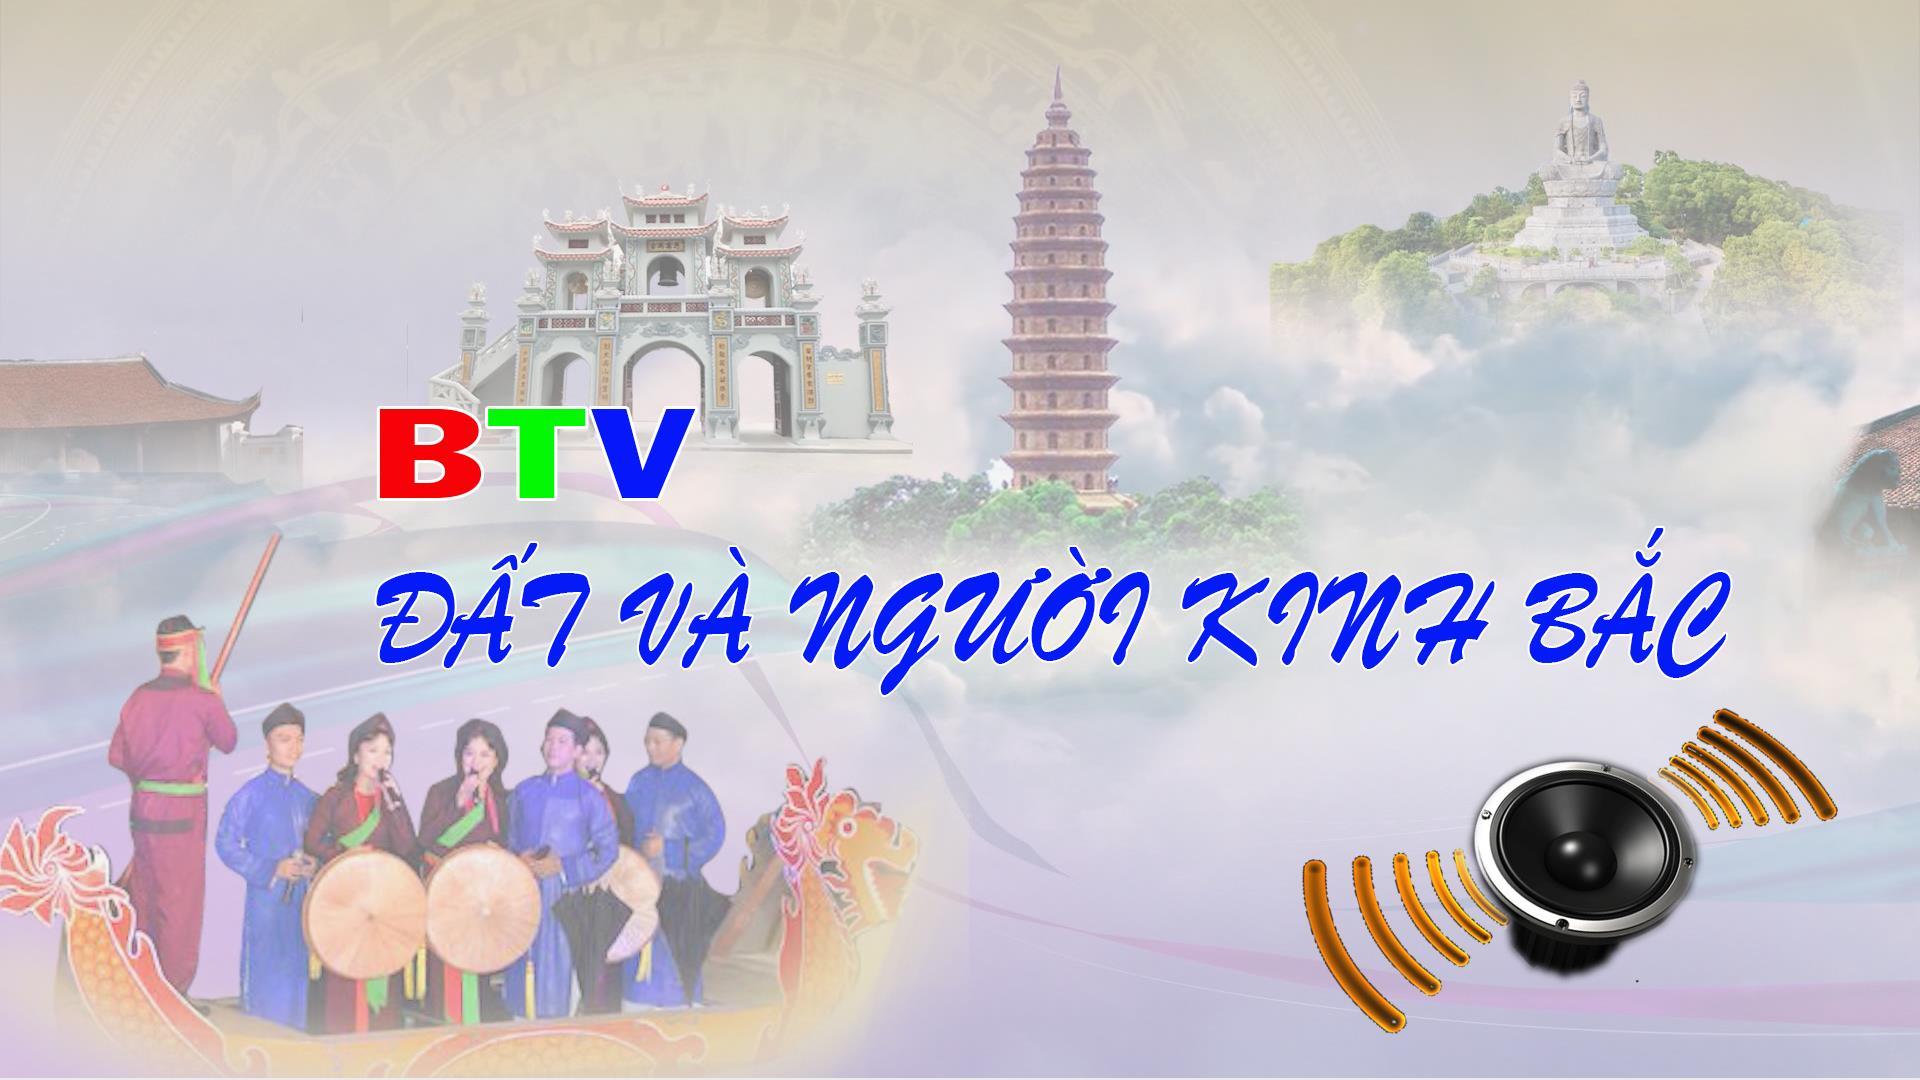 Làng Quan họ Y Na phường Kinh Bắc, thành phố Bắc Ninh